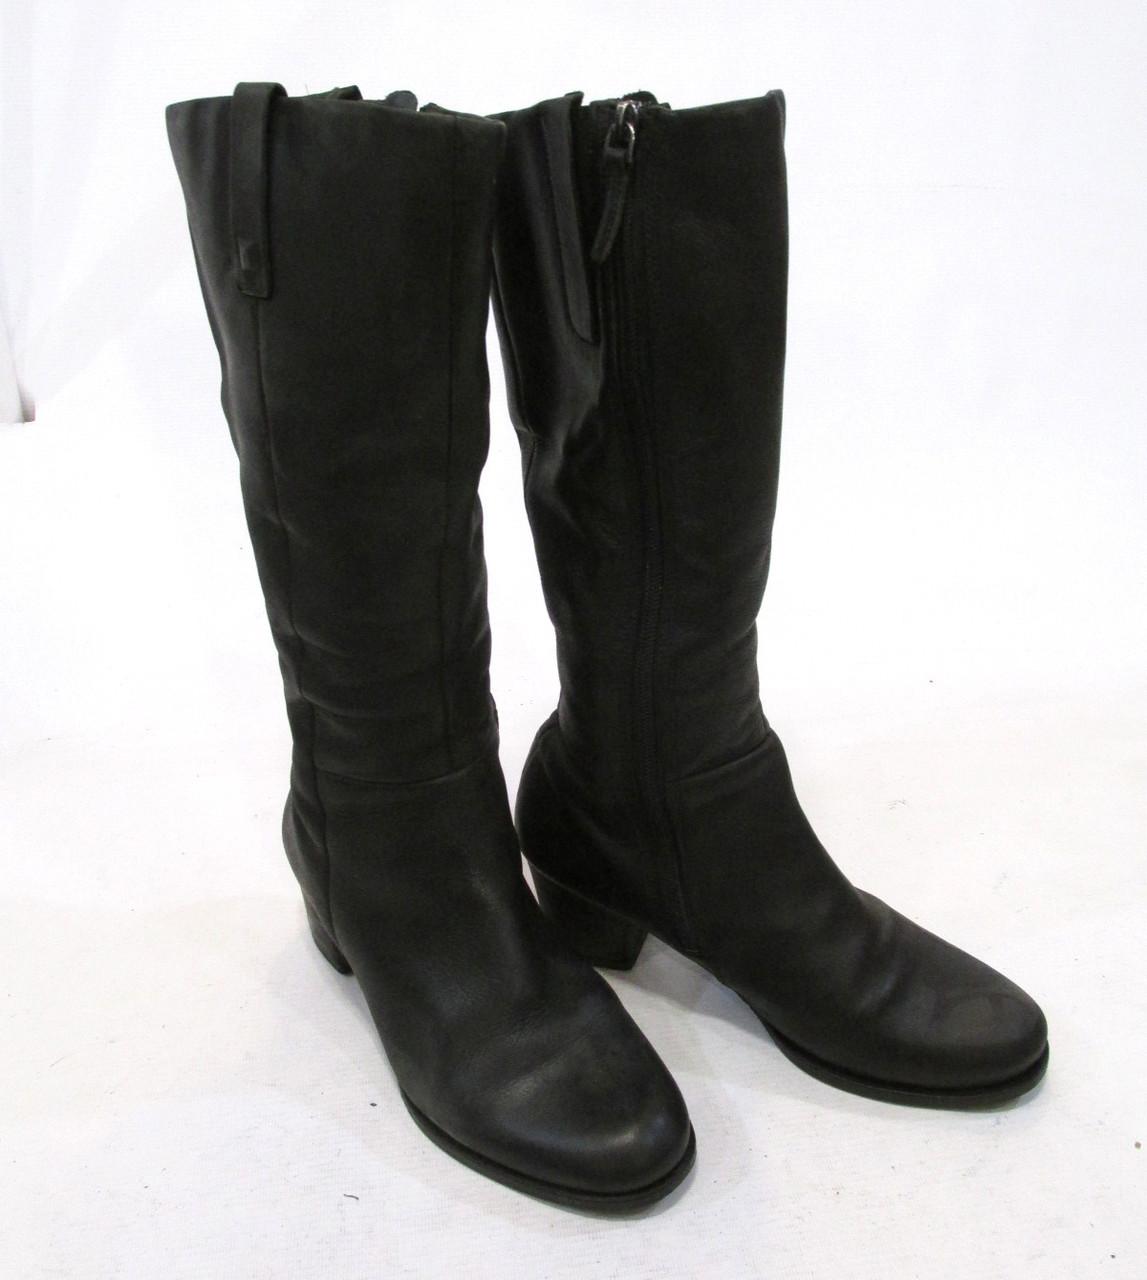 Сапожки кожаные Ecco, 37 (24 см), утепленные, демисезонные, черные, От